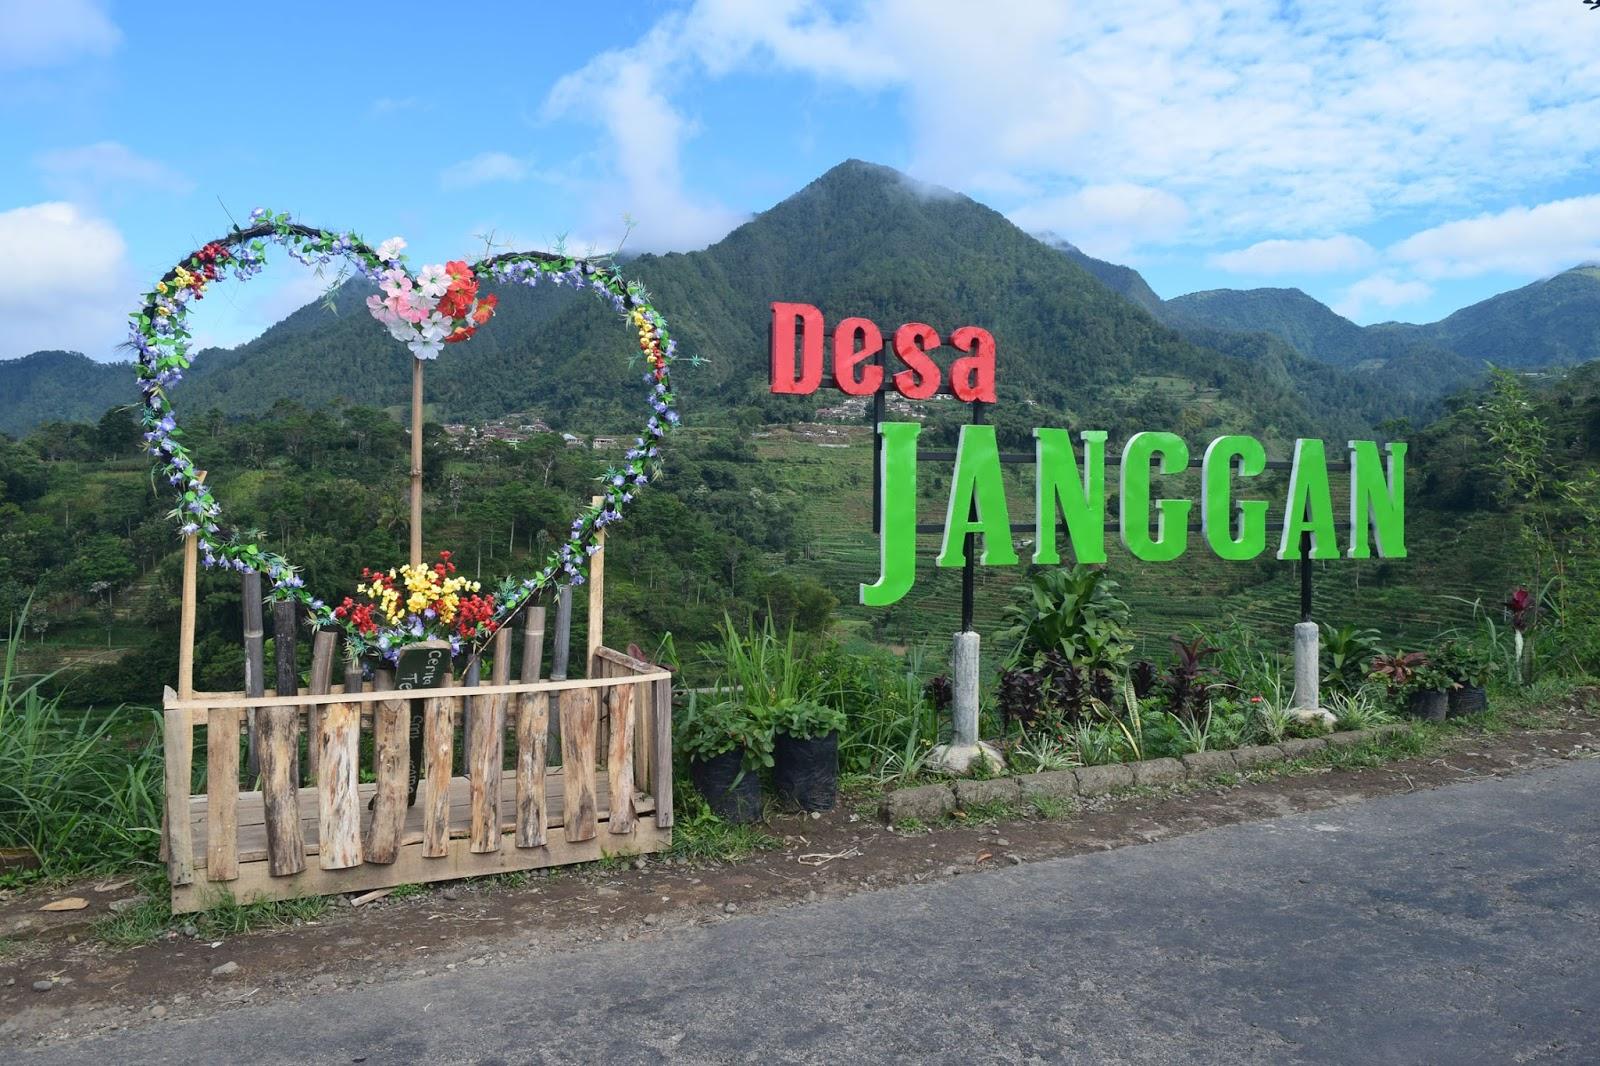 Destinasi Wisata Desa Janggan Magetan Tidak Sekedar Nama Tetapi Sebagai